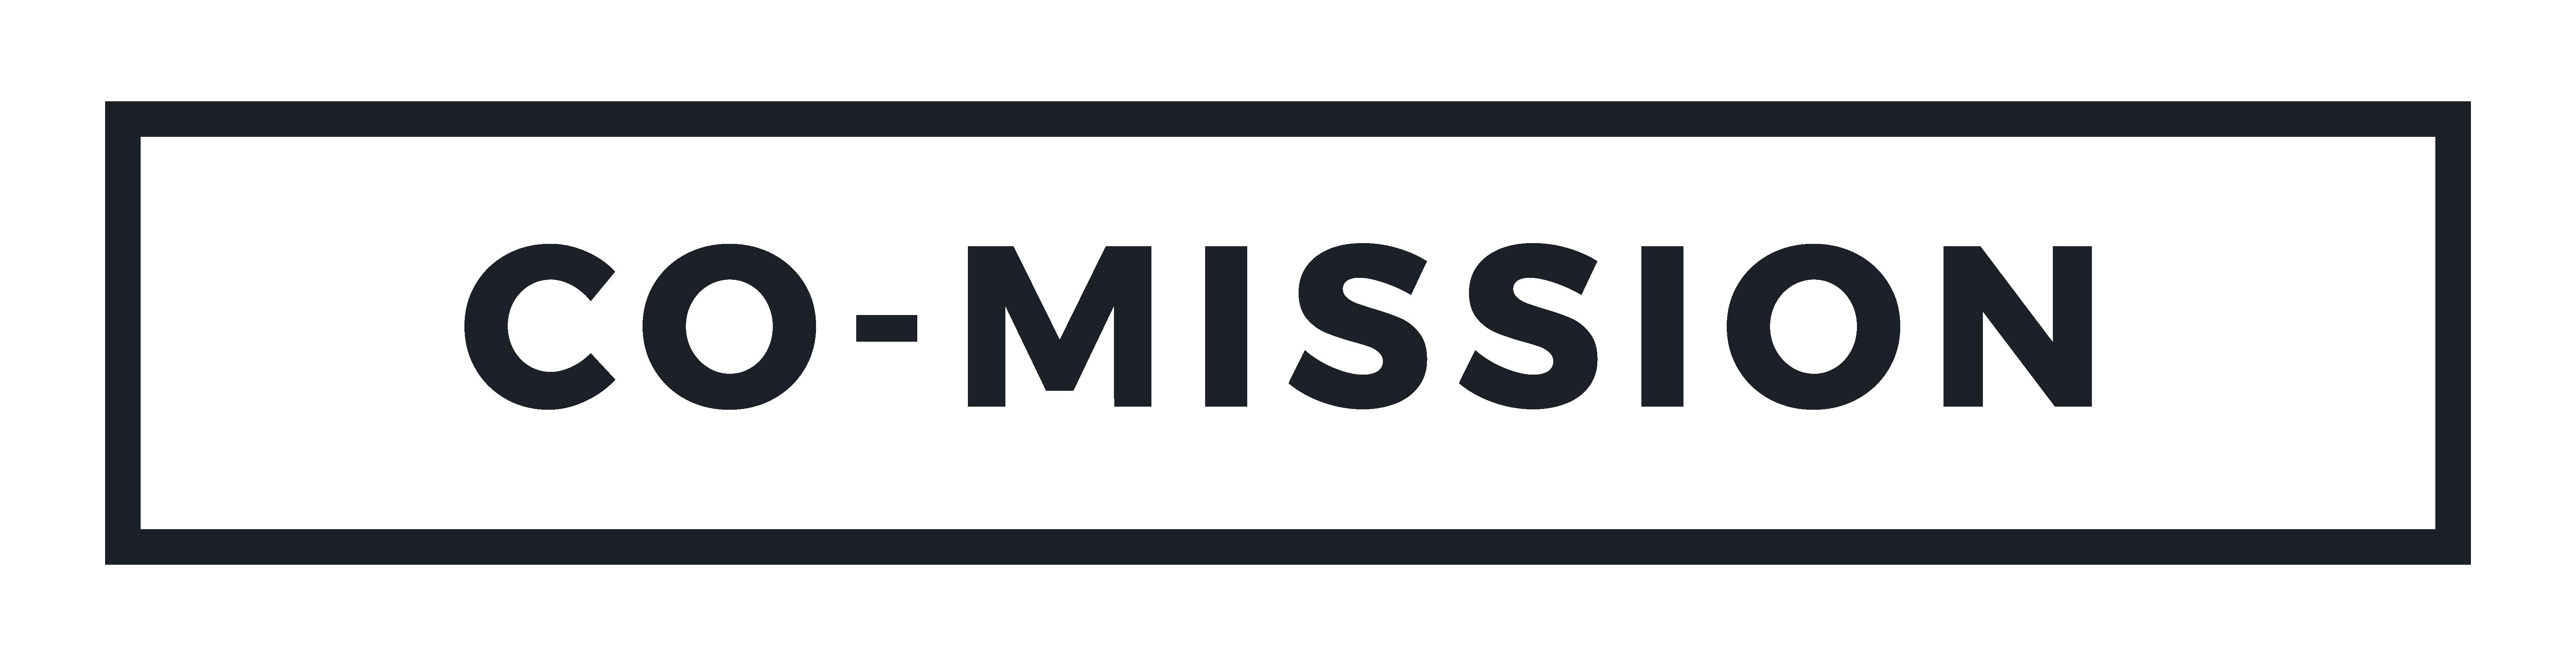 Co mission logo 01